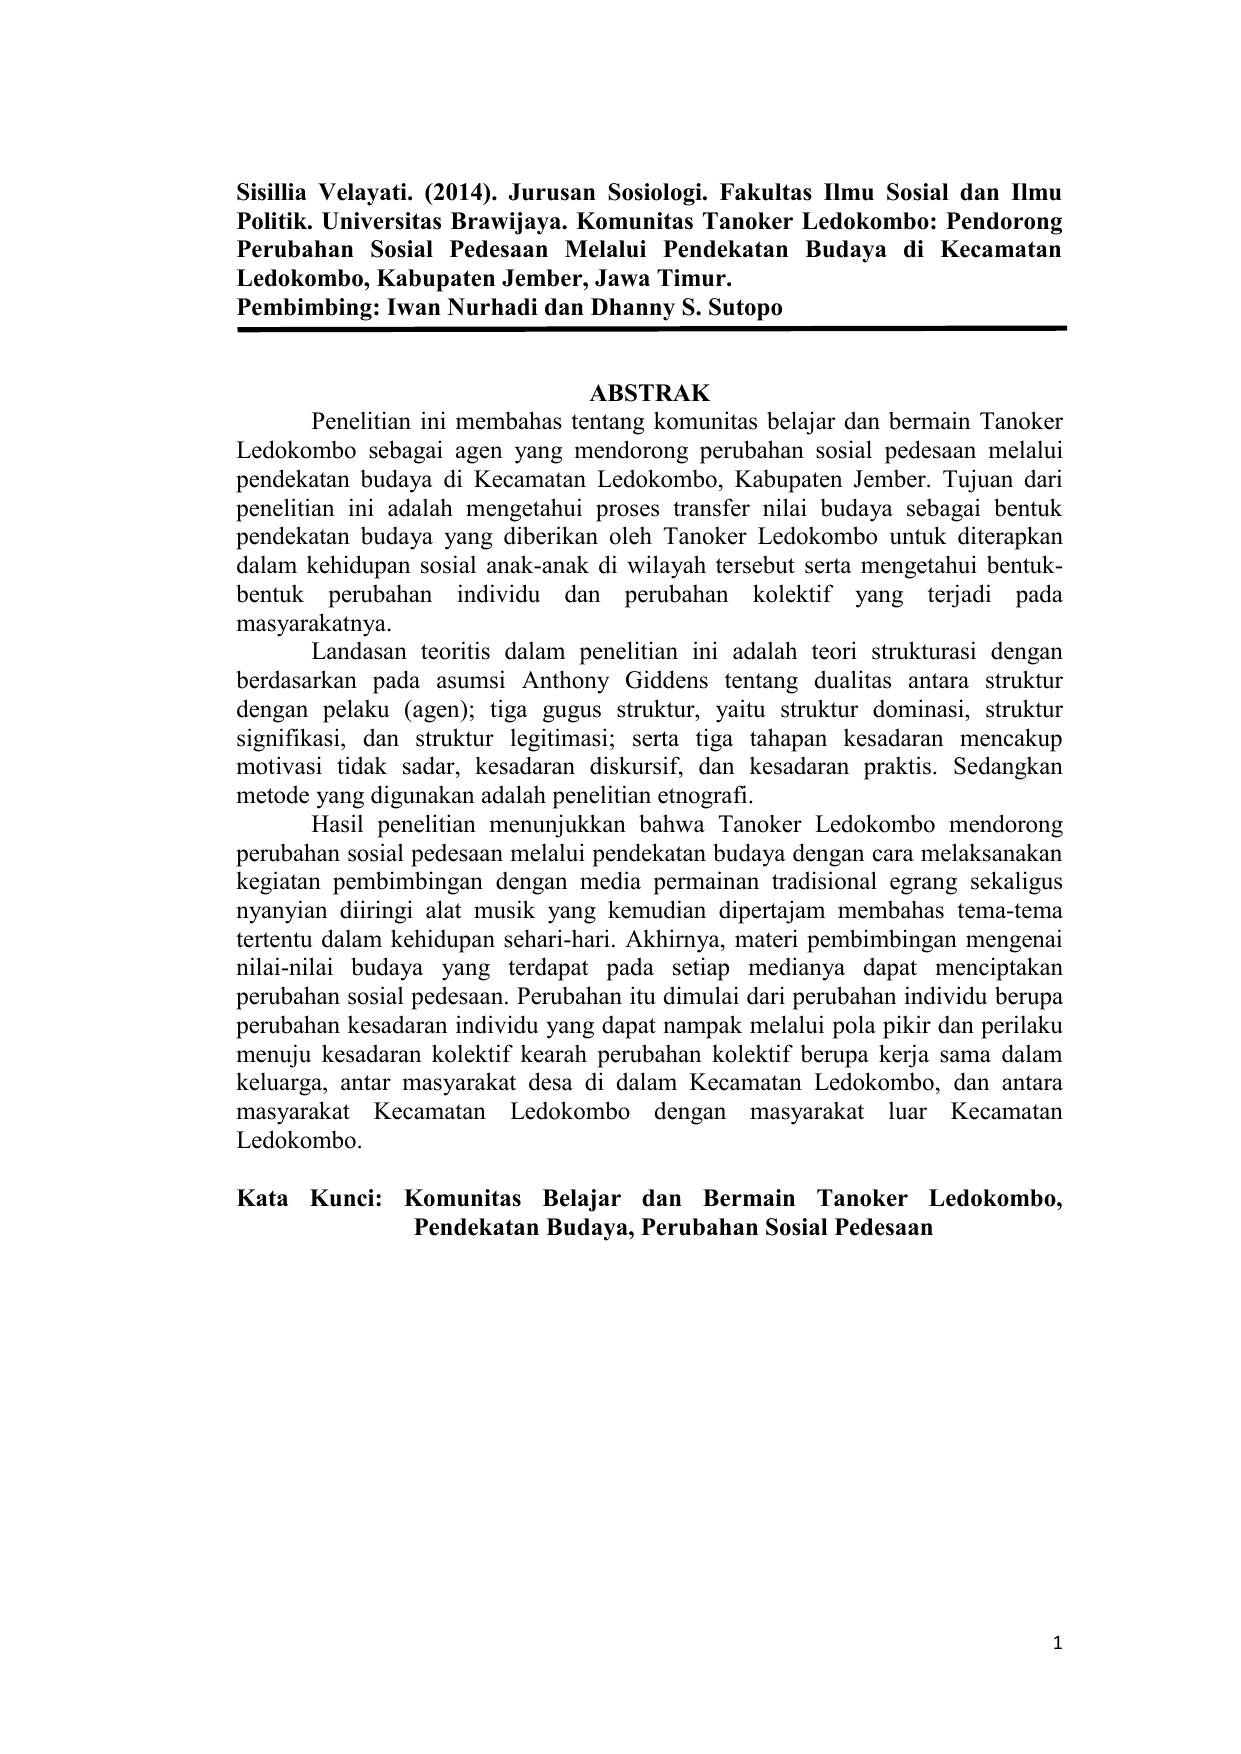 Pdf File Jurnal Mahasiswa Sosiologi Tanoker Ledokombo Kab Jember